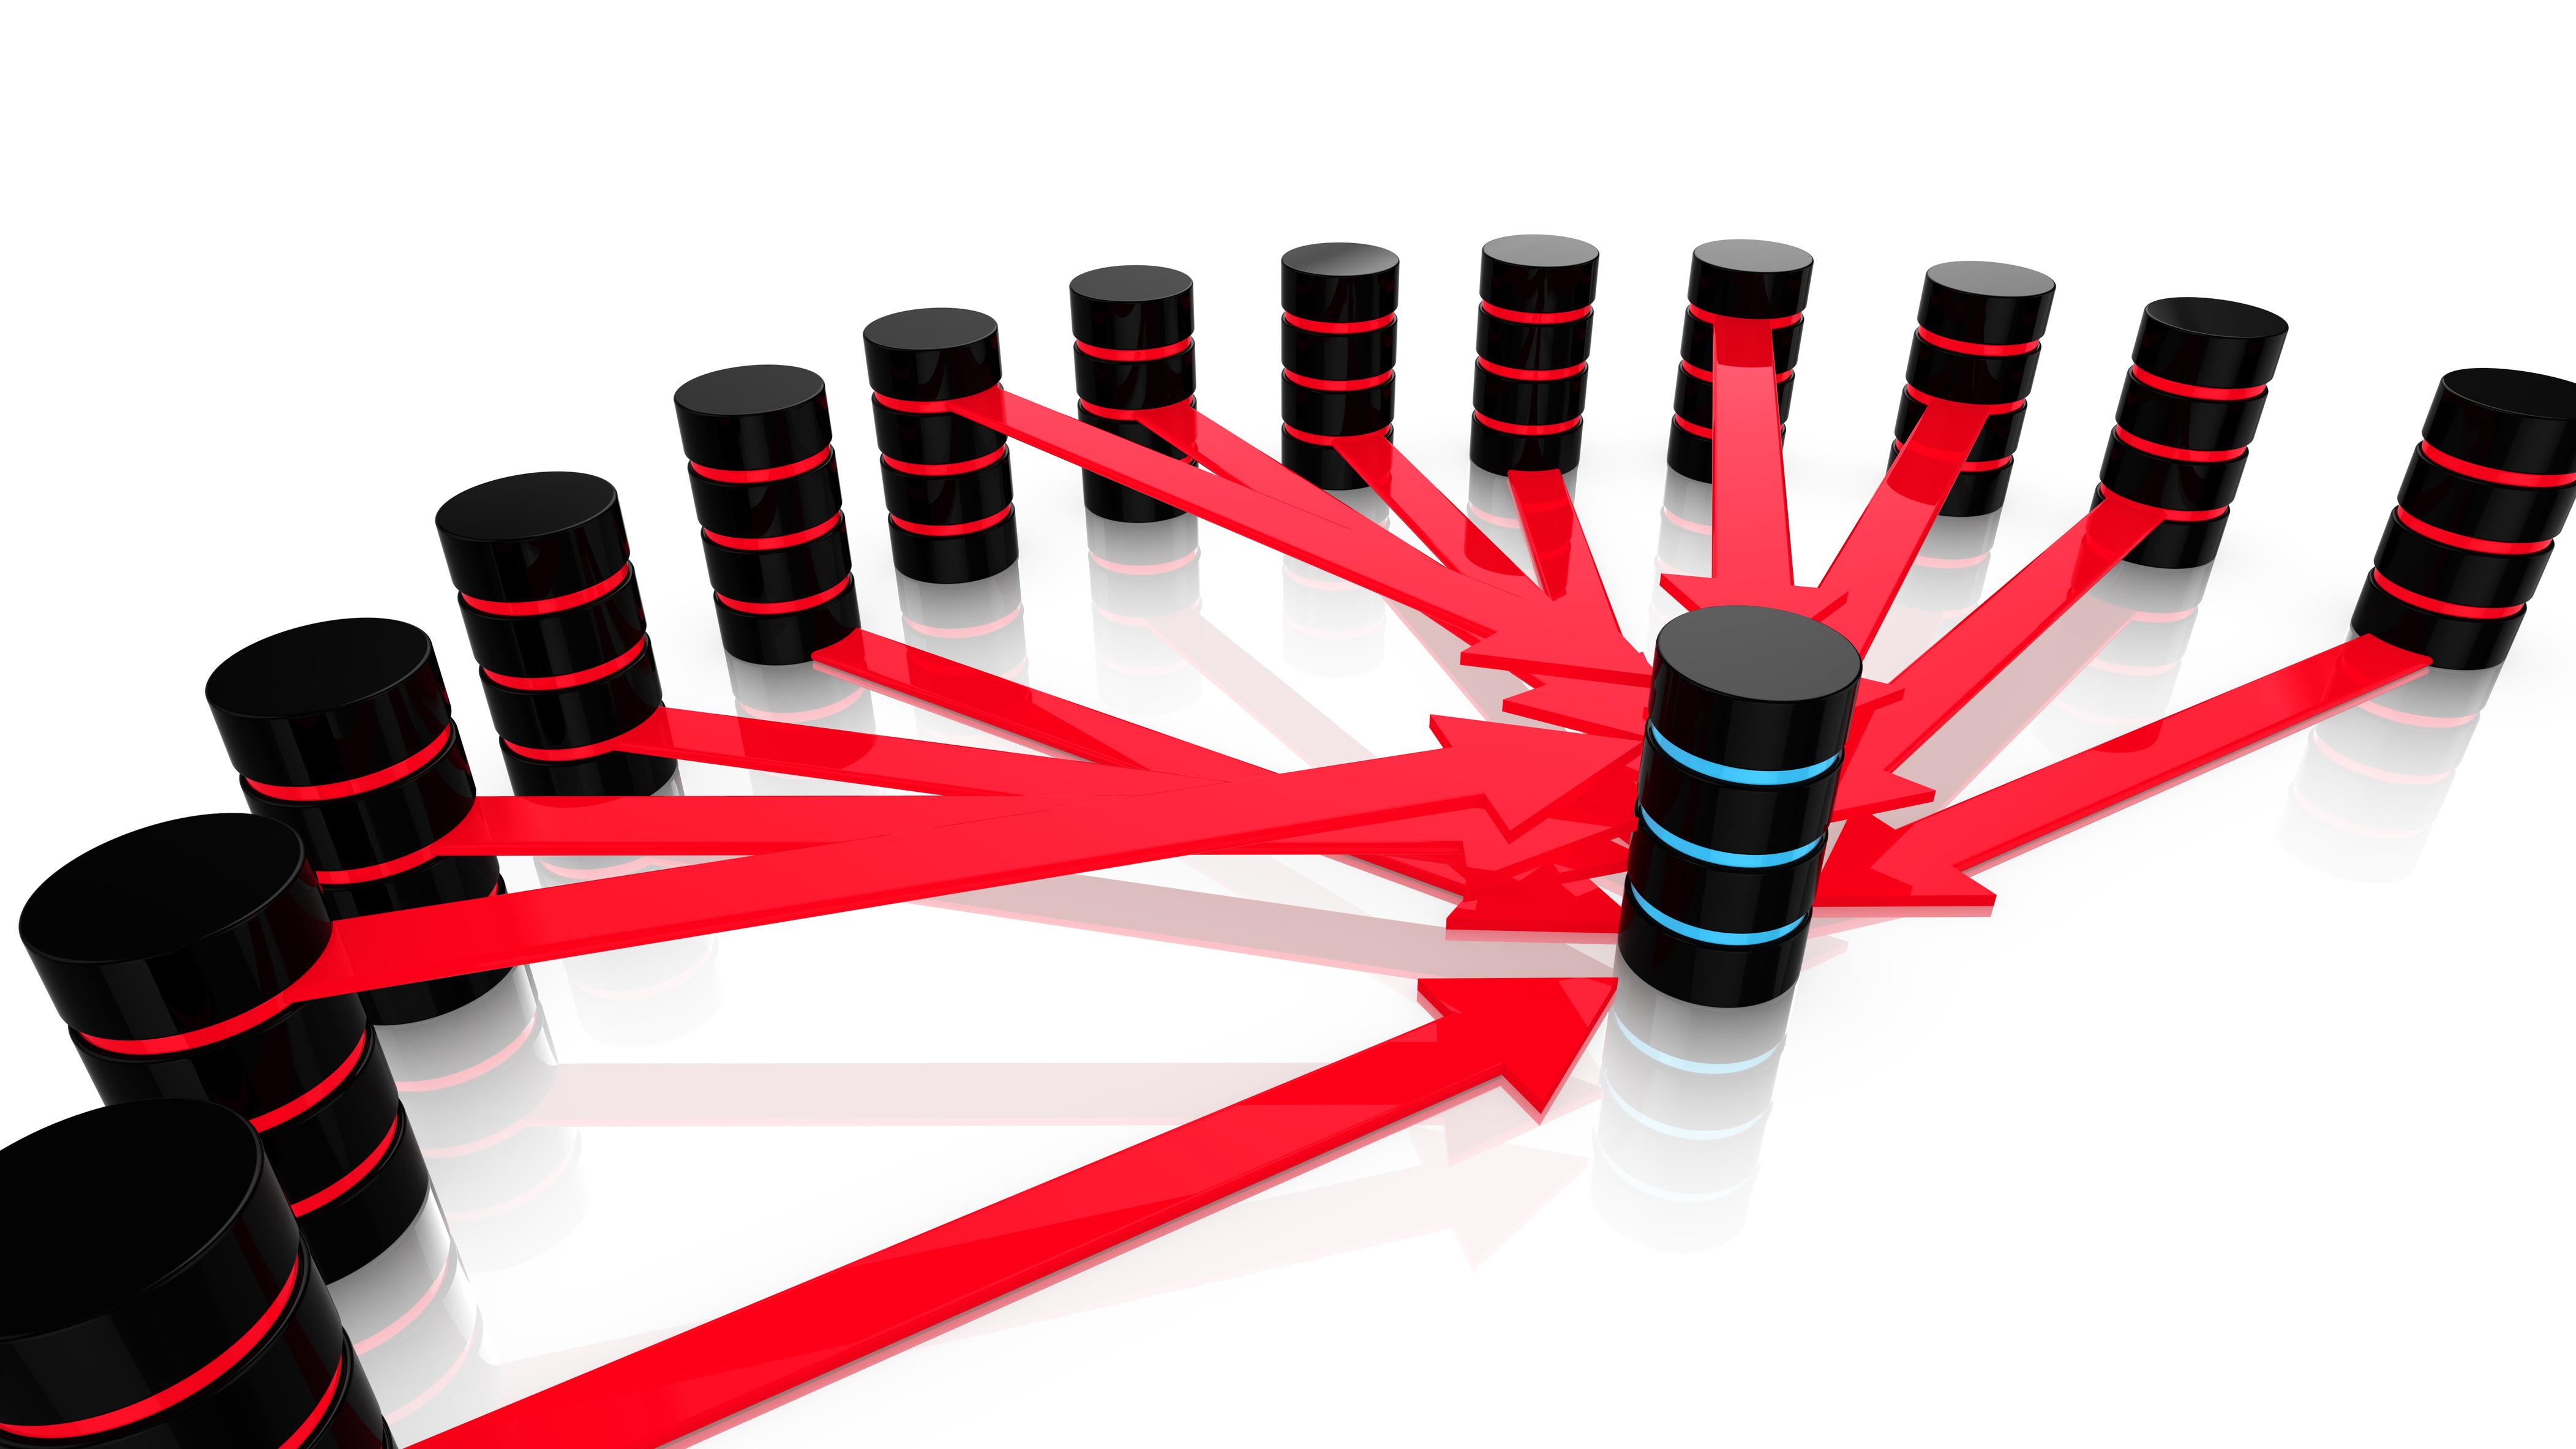 حملات محرومیت از سرویس DOS و DDOS - بخش دوم